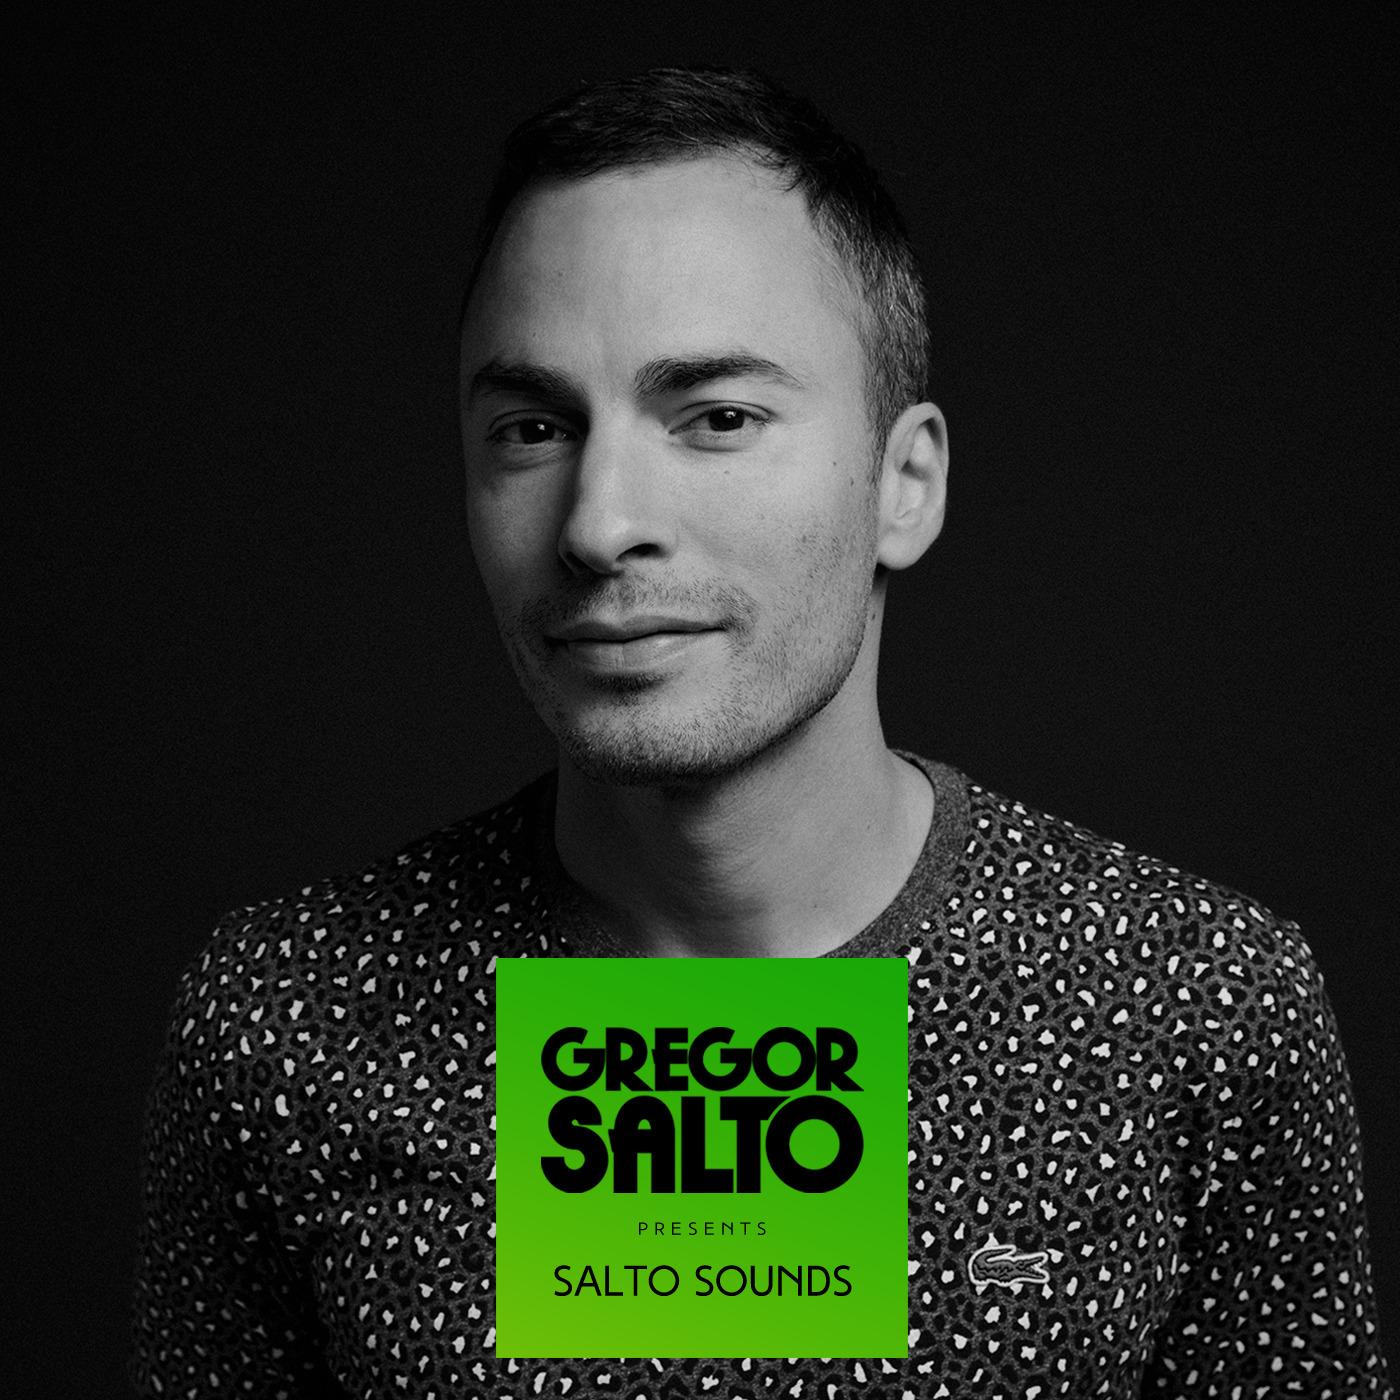 Salto Sounds by Gregor Salto